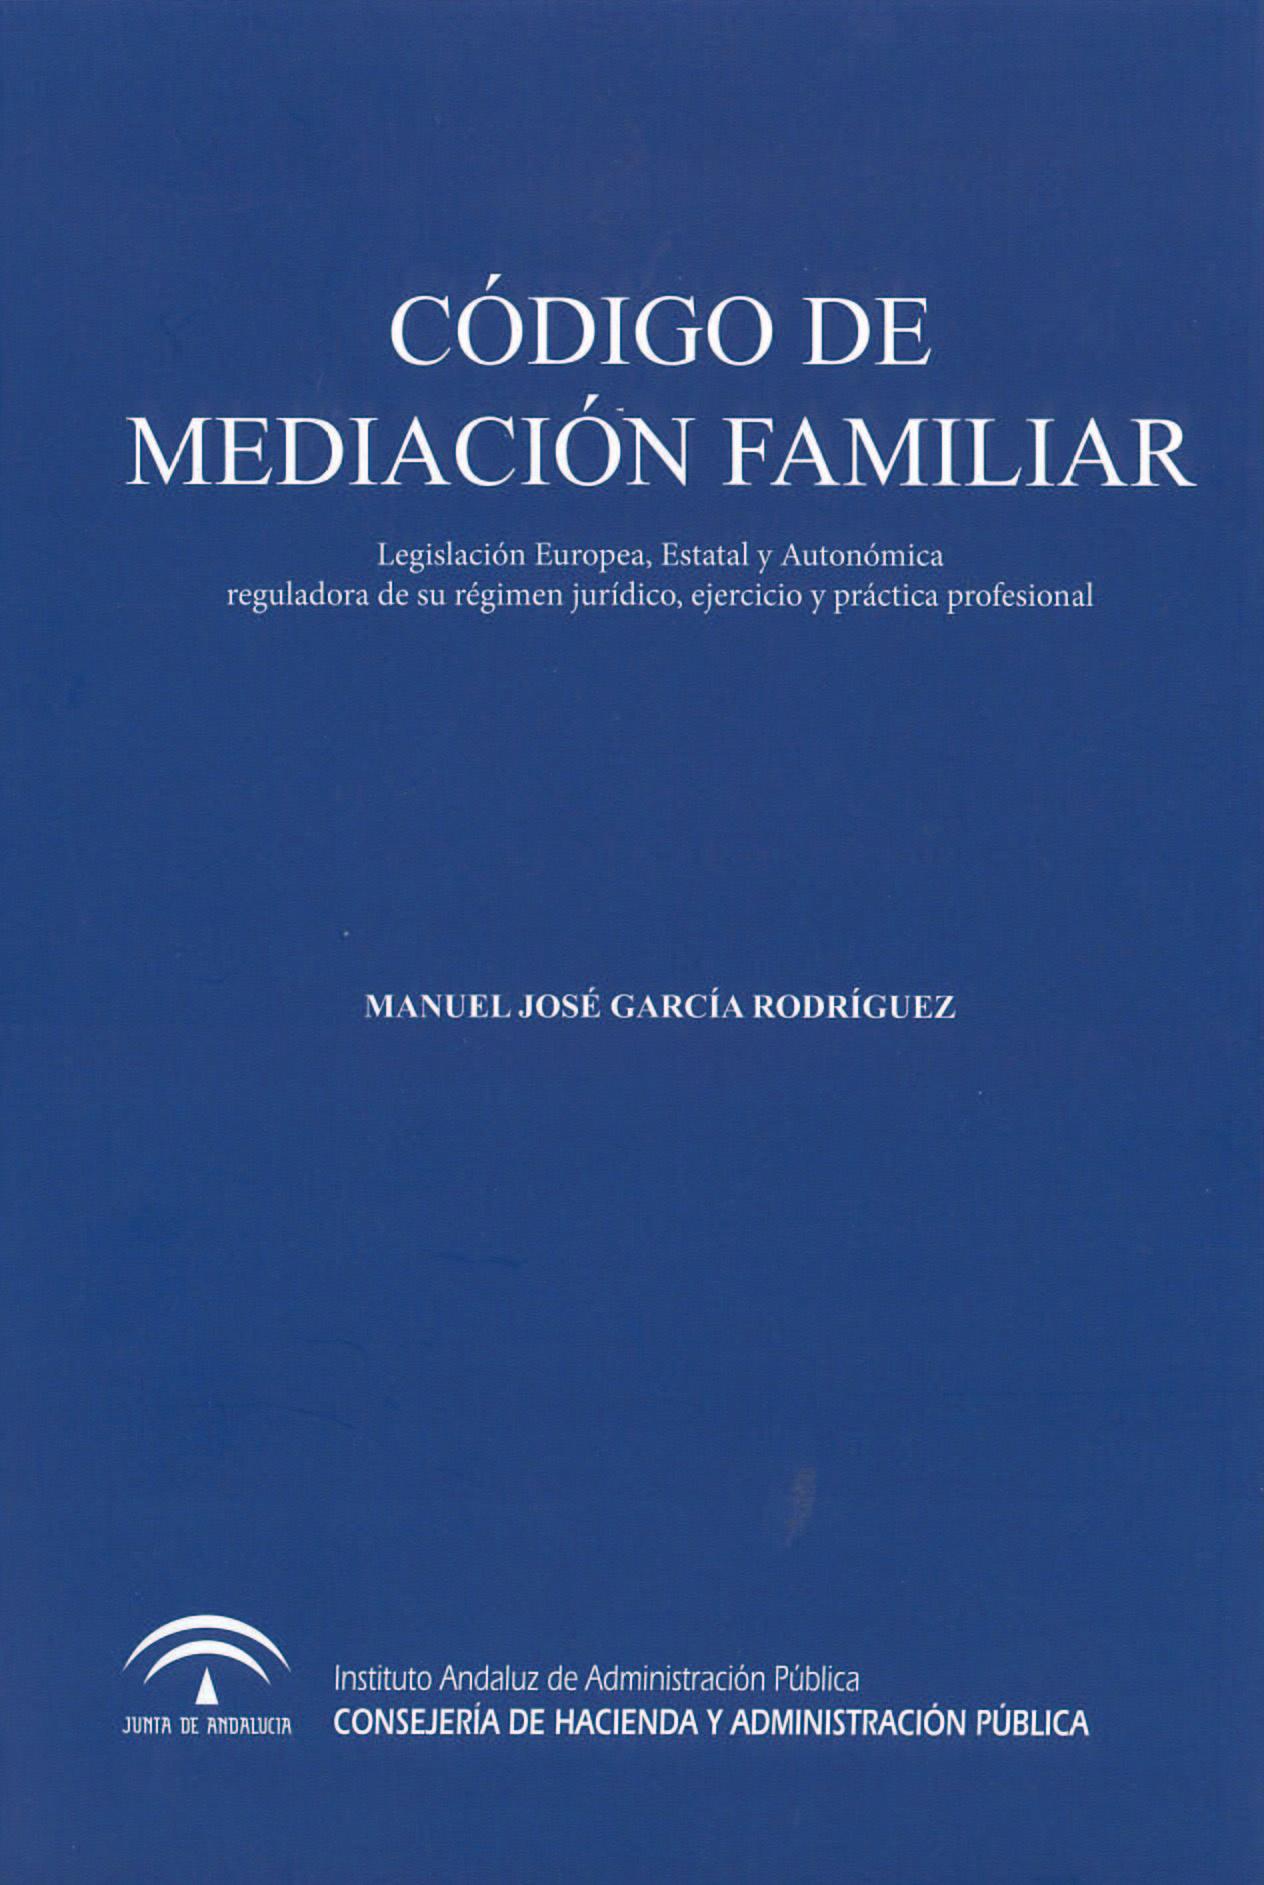 C�DIGO DE MEDIACI�N FAMILIAR : LEGISLACI�N EUROPEA, ESTATAL Y AUTON�MICA REGULADORA DE SU R�GIMEN JUR�DICO, EJERCICIO Y PR�CTICA PROFESIONAL